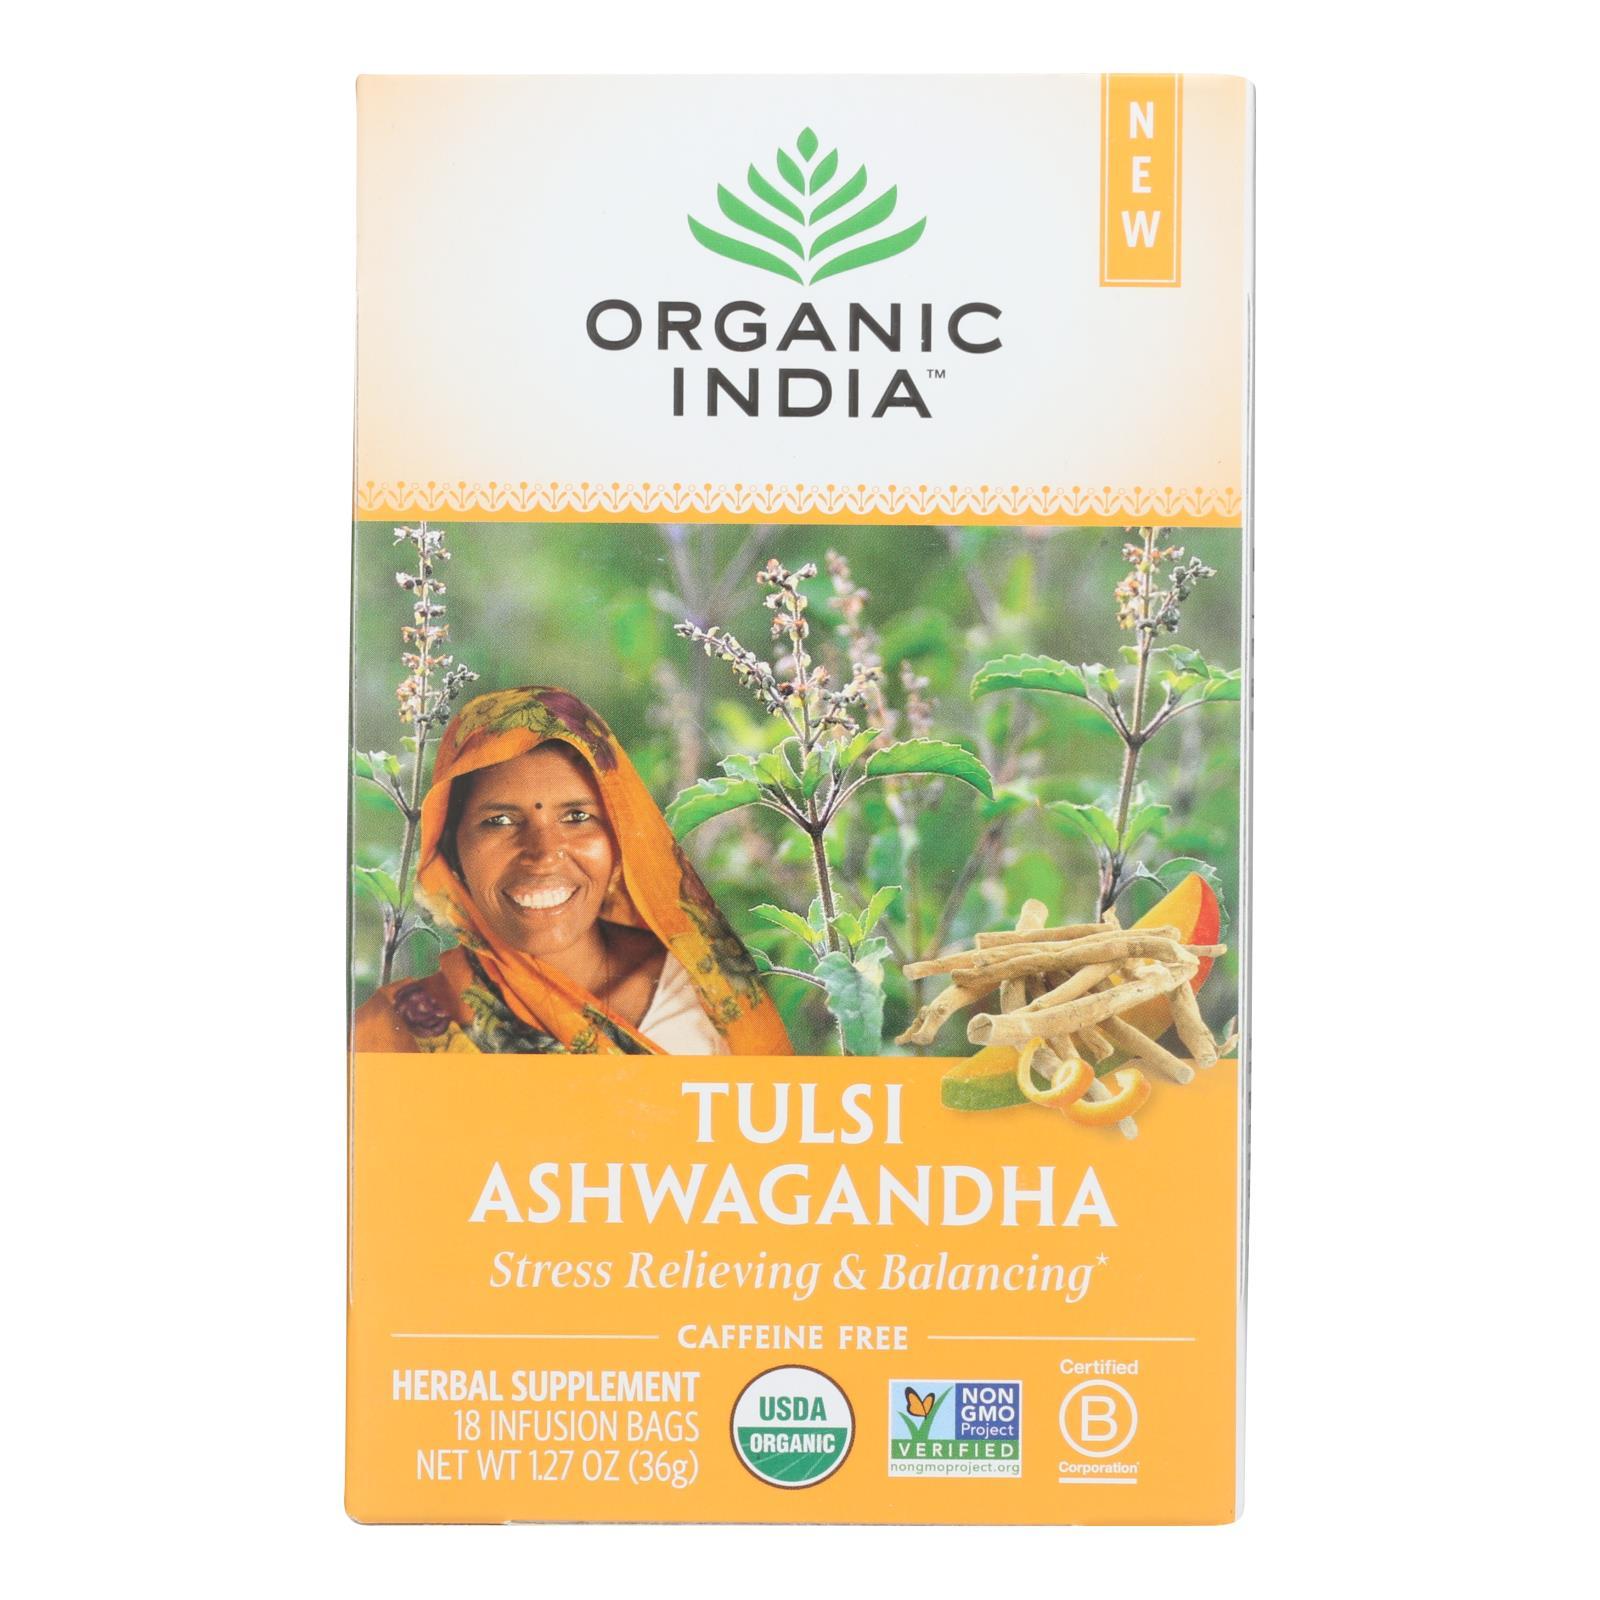 Organic India - Tulsi Ashwagandha - Case of 6 - 18 CT